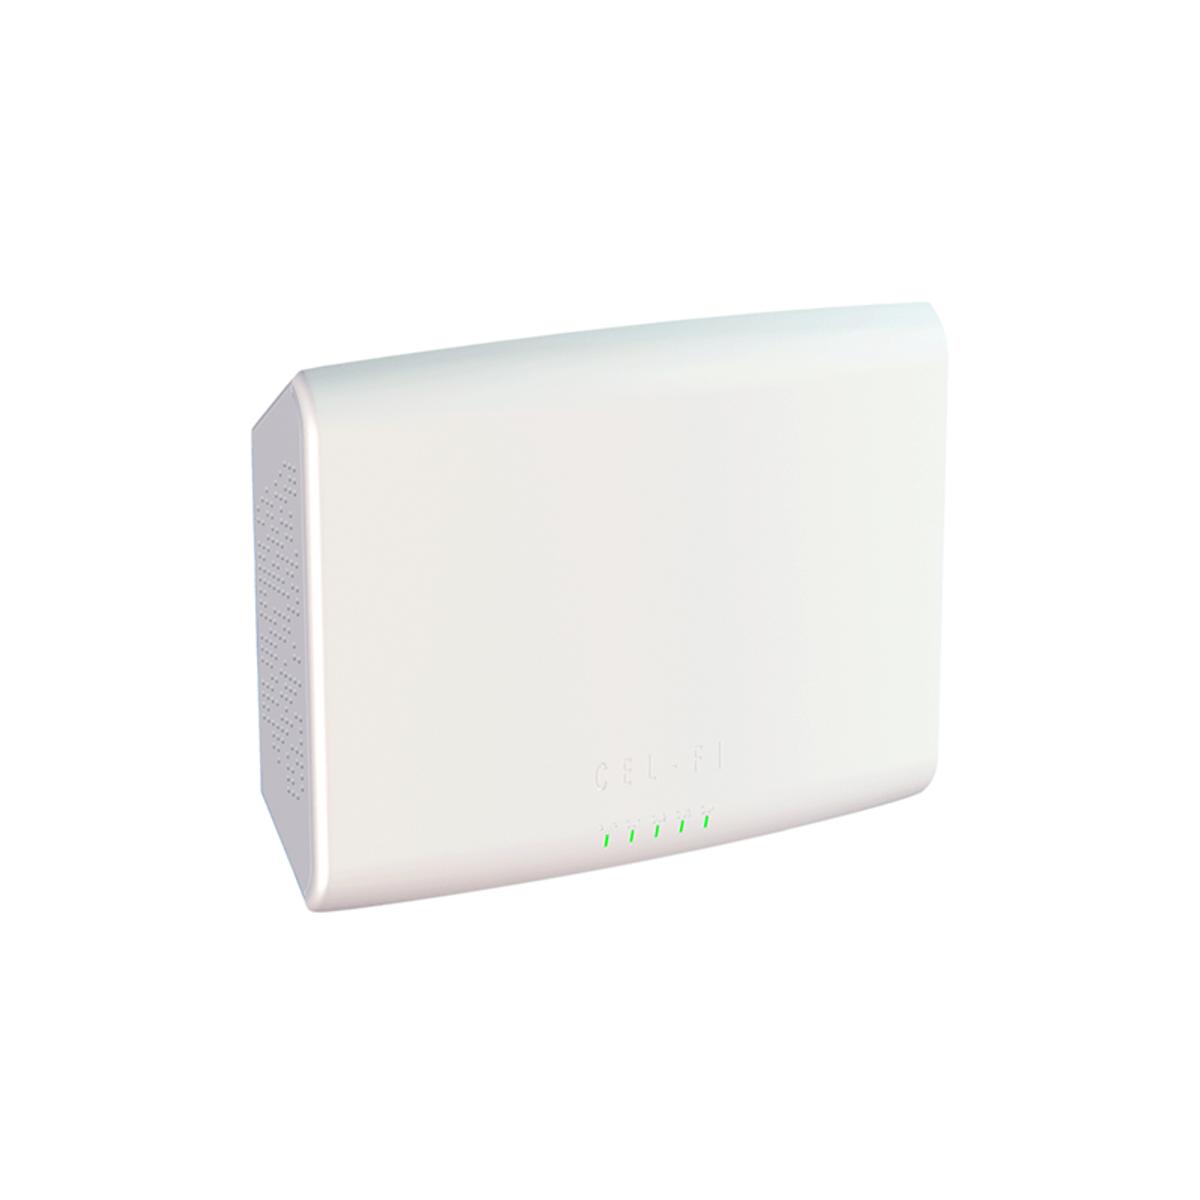 Cel-Fi QUATRA Coverage Unit (CU) for Verizon